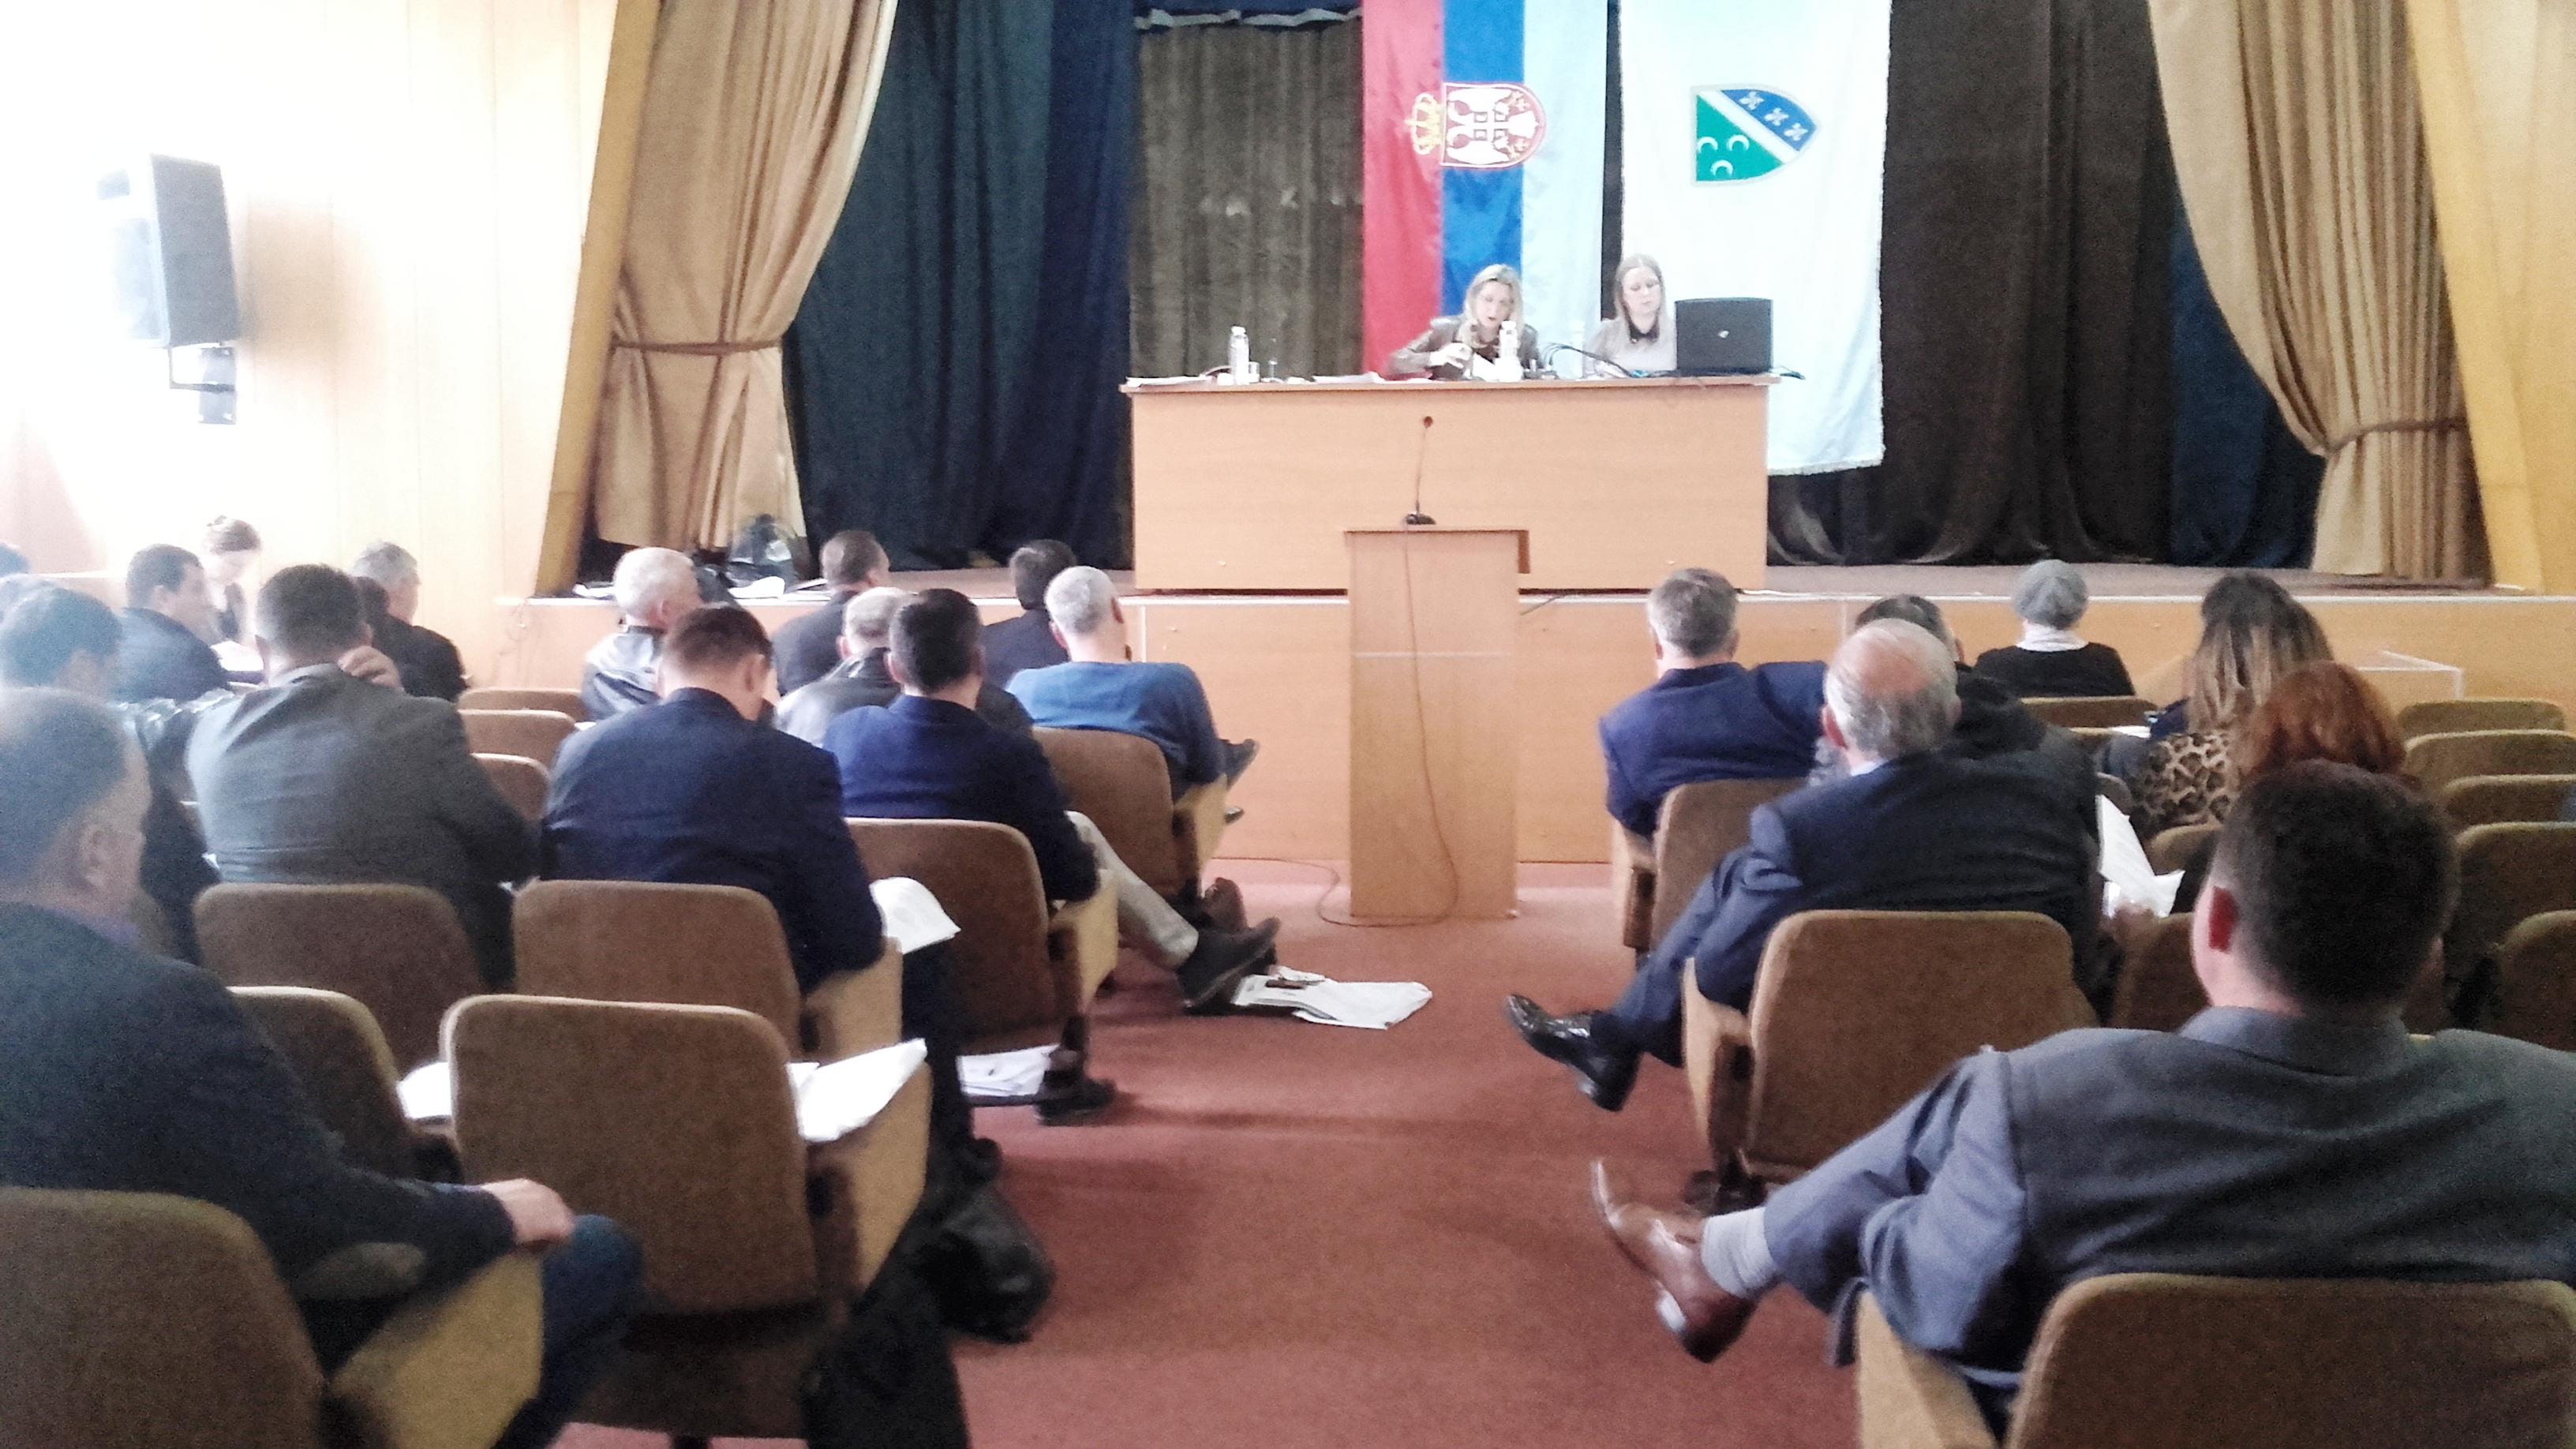 Седница СО: Сви сложни у ставу да је неопходно уређење корита реке Милешевке пре облежавања јубилеја 800 година манастира Милешеве